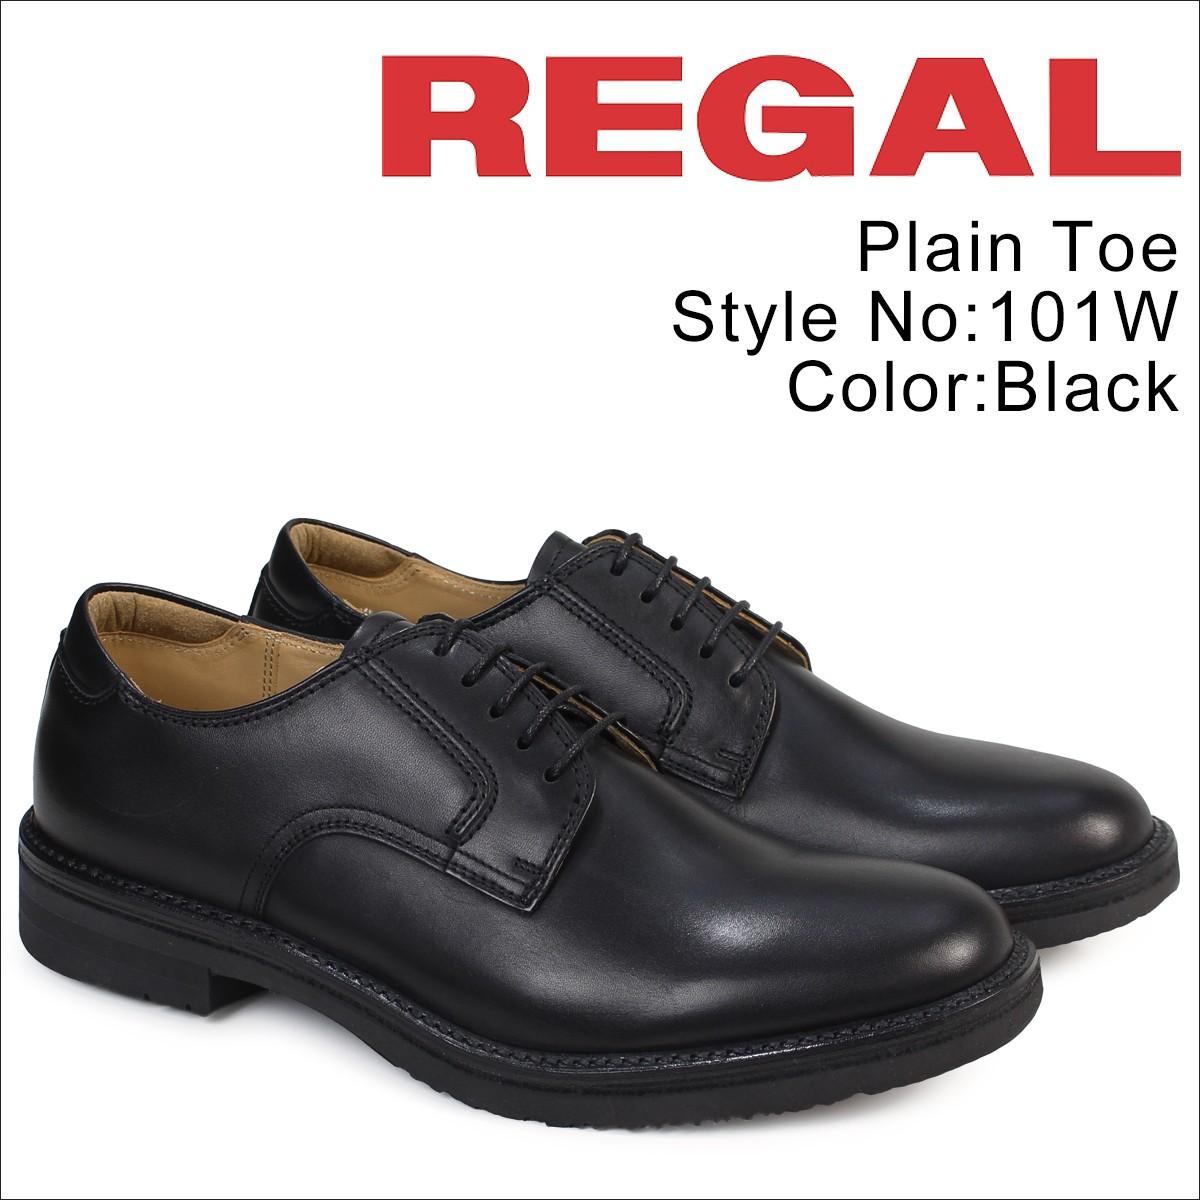 リーガル 靴 メンズ REGAL プレーントゥ 101W AH ビジネスシューズ 日本製 ブラック [12/21 追加入荷]